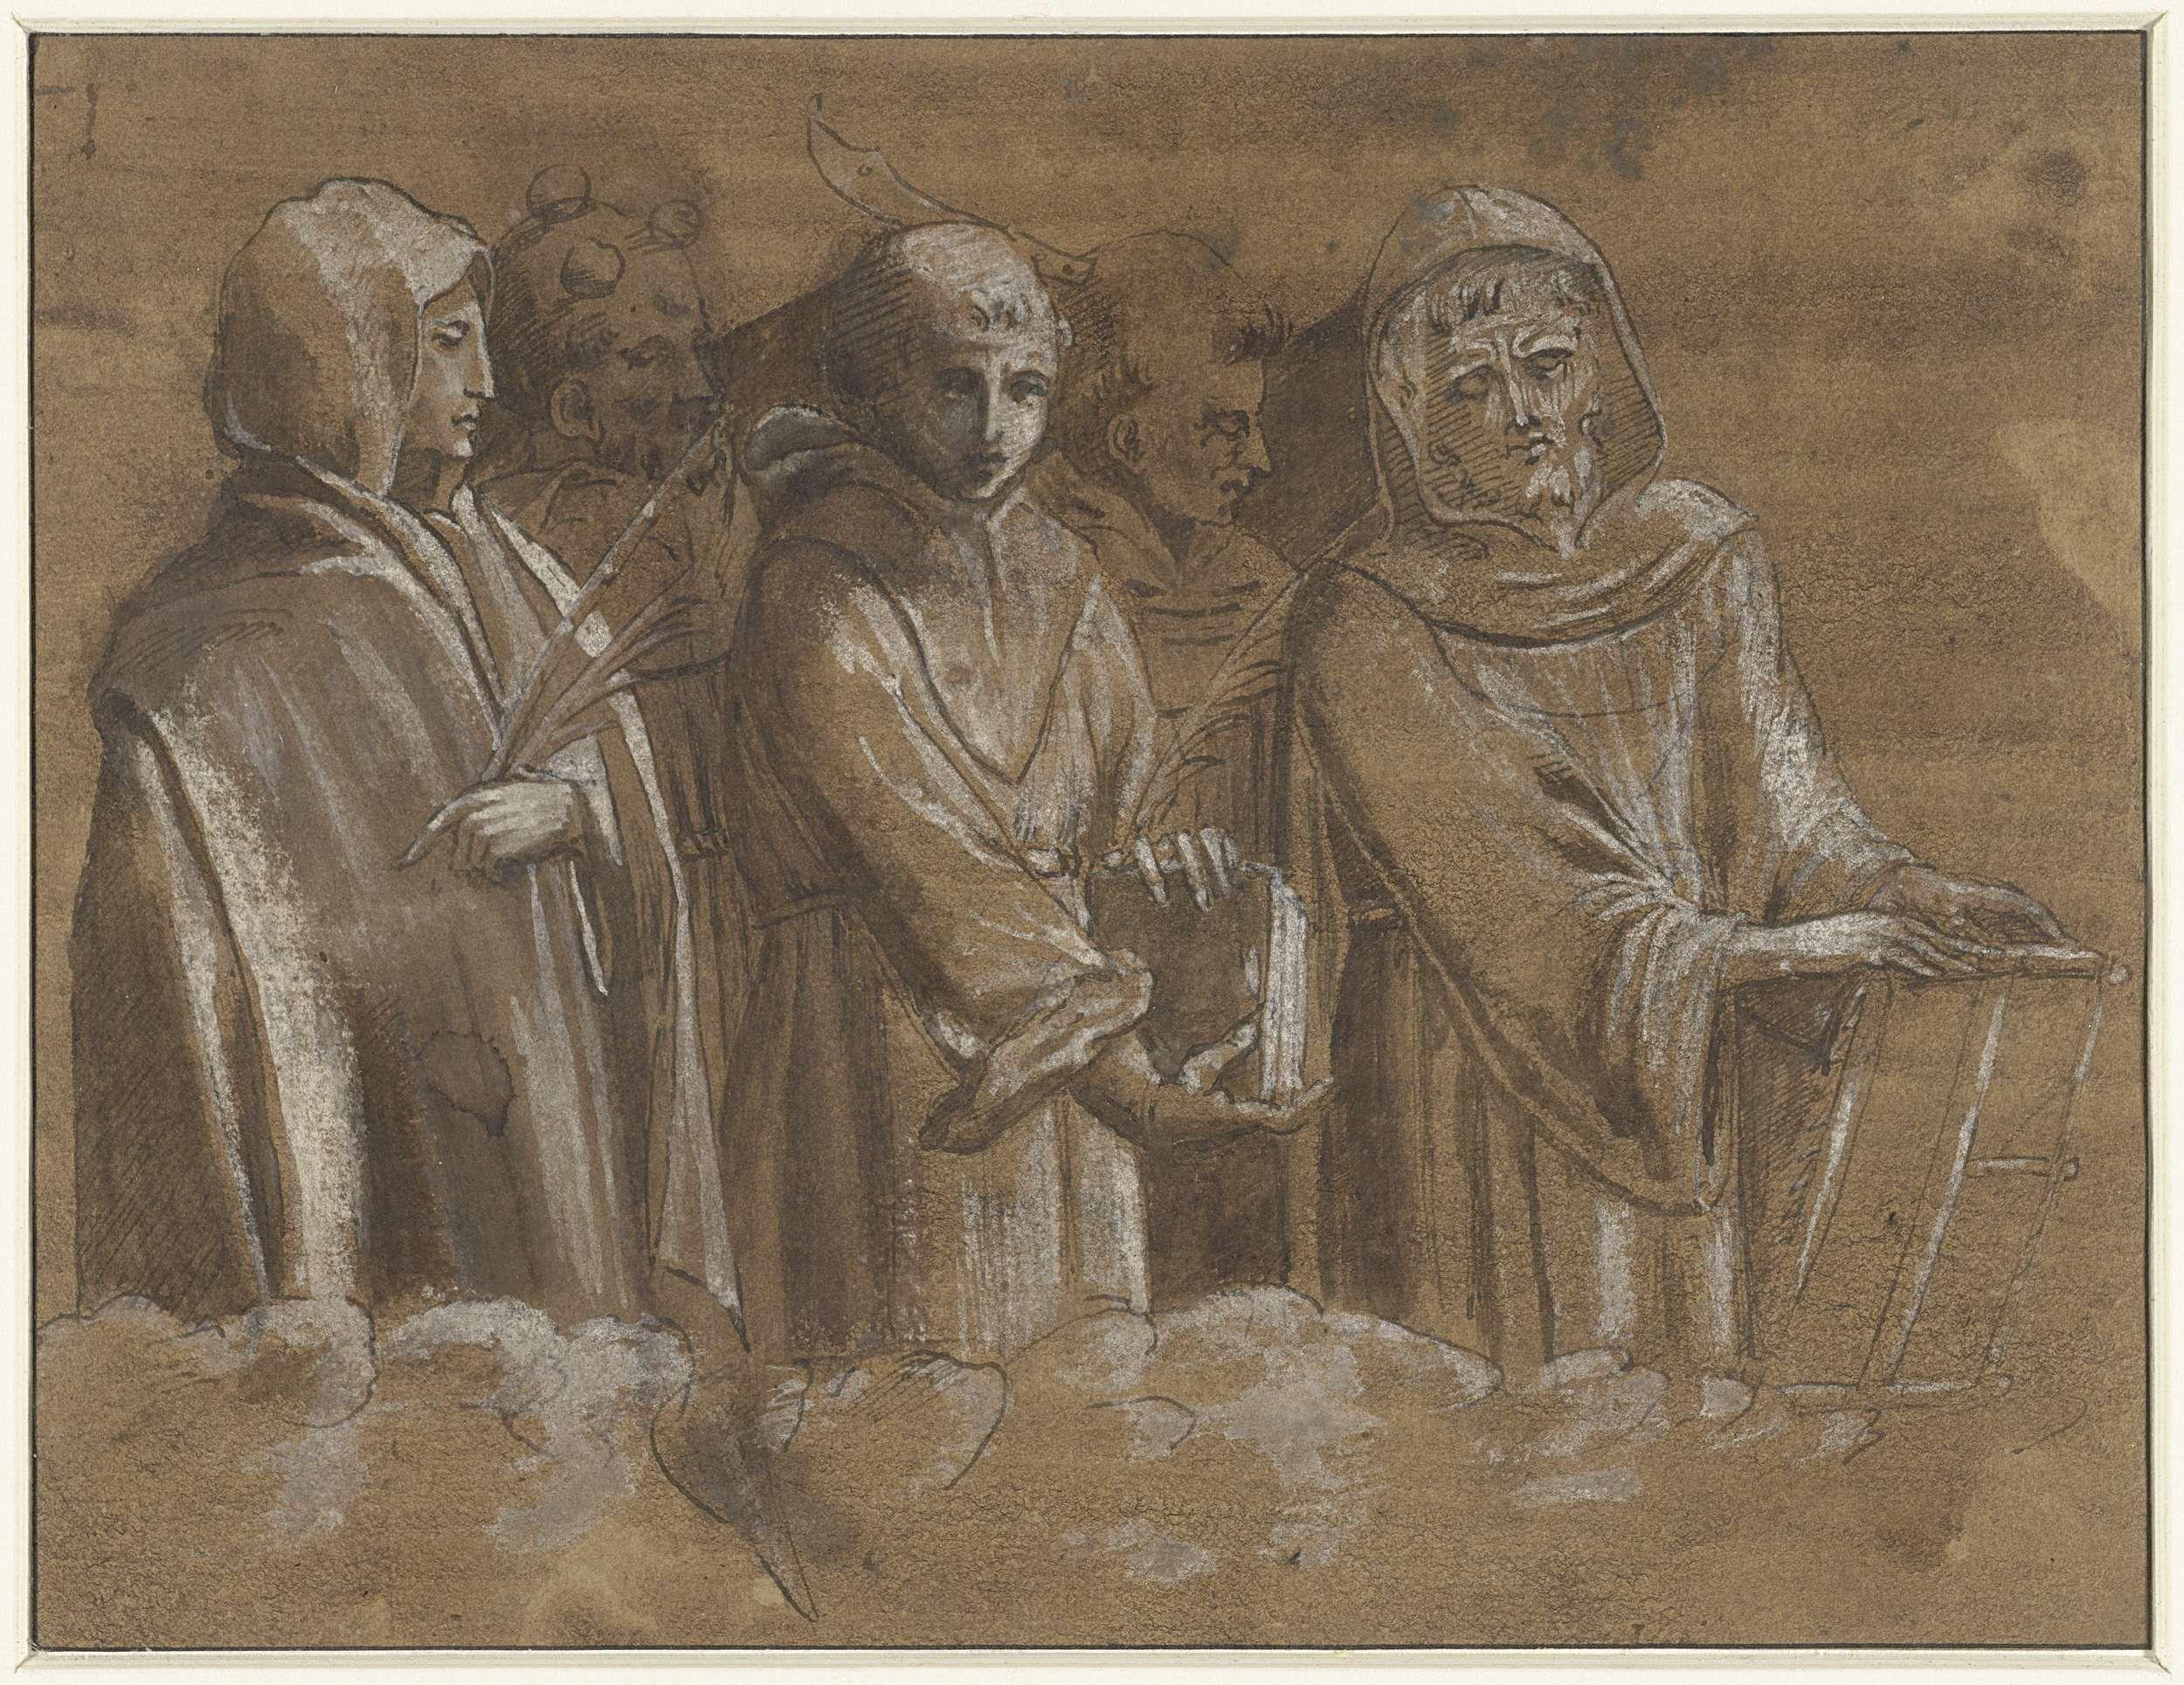 Anonymous | Figuren van martelaars boven een wolkenrand, Anonymous, 1500 - 1510 |